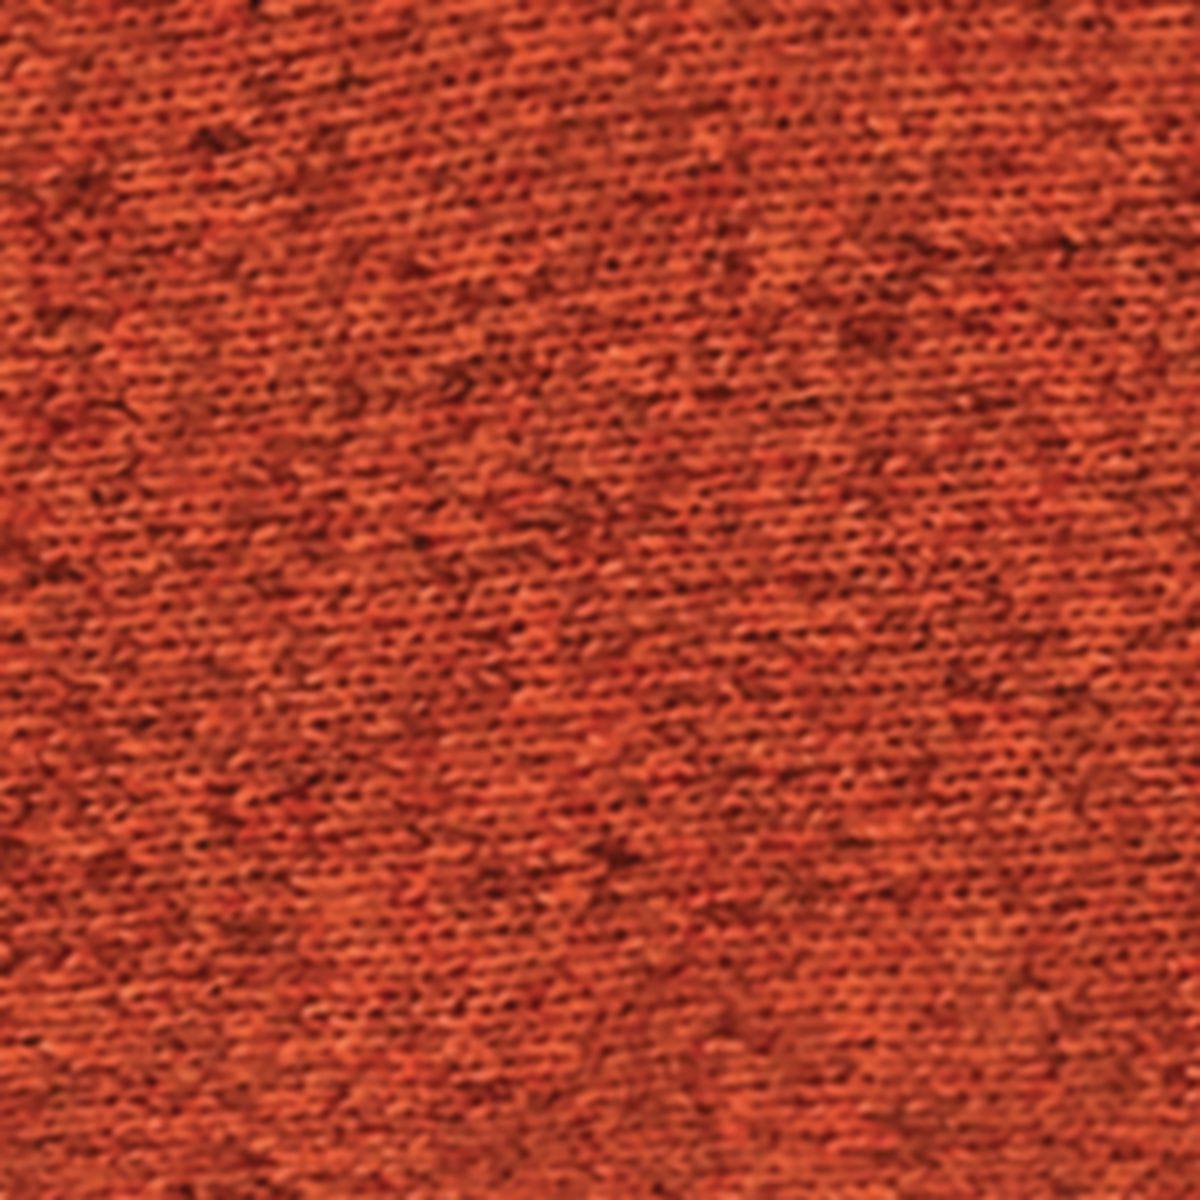 Ruffwear® Fernie™ Sweater-Knit Fleece Jacket